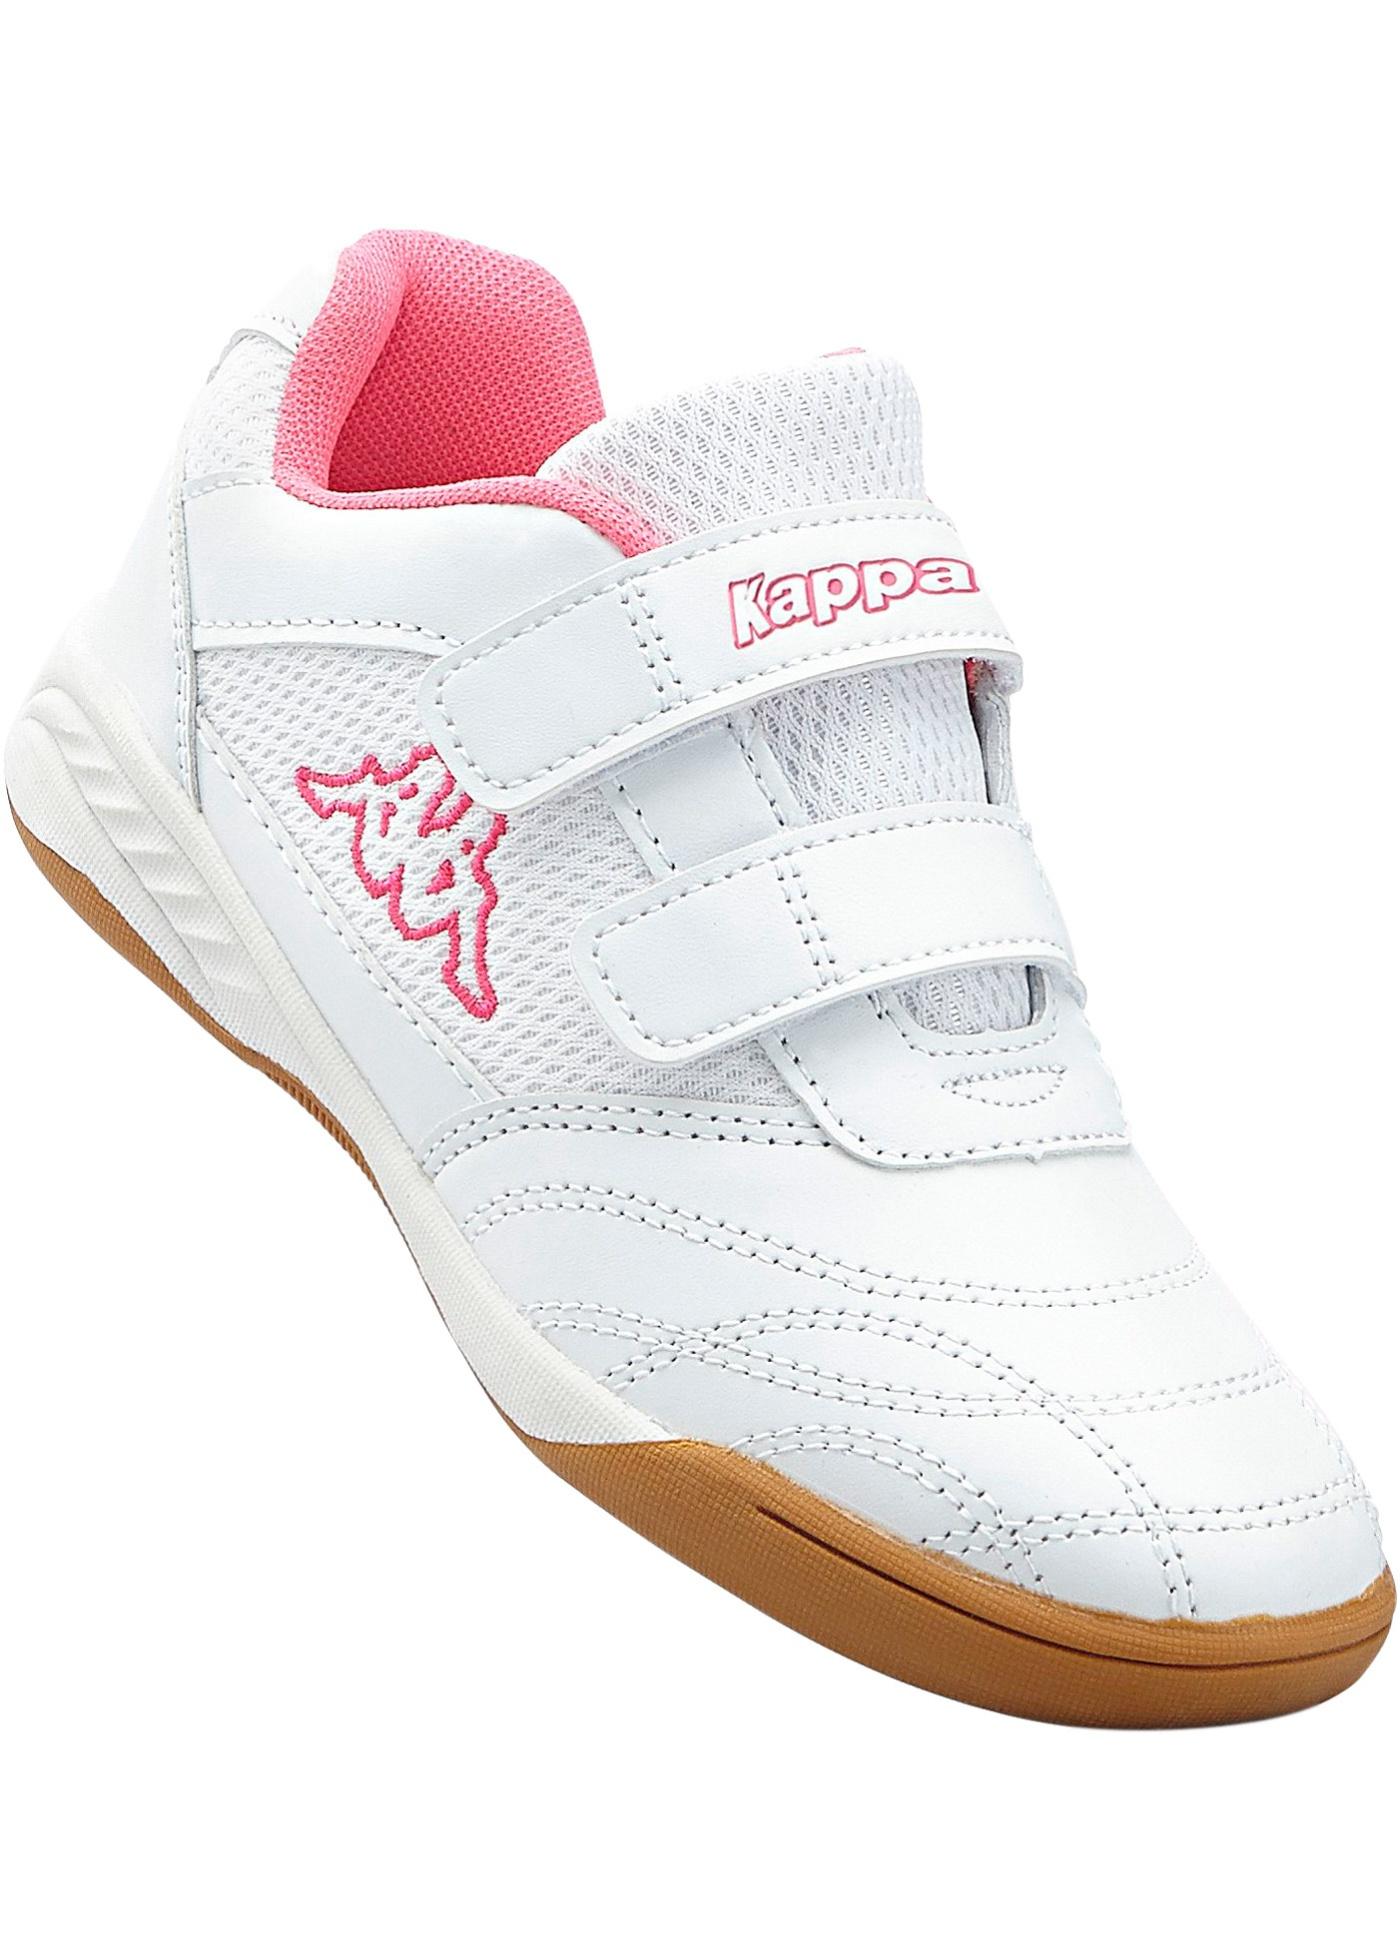 Sportovní obuv značky Kappa - Bílá